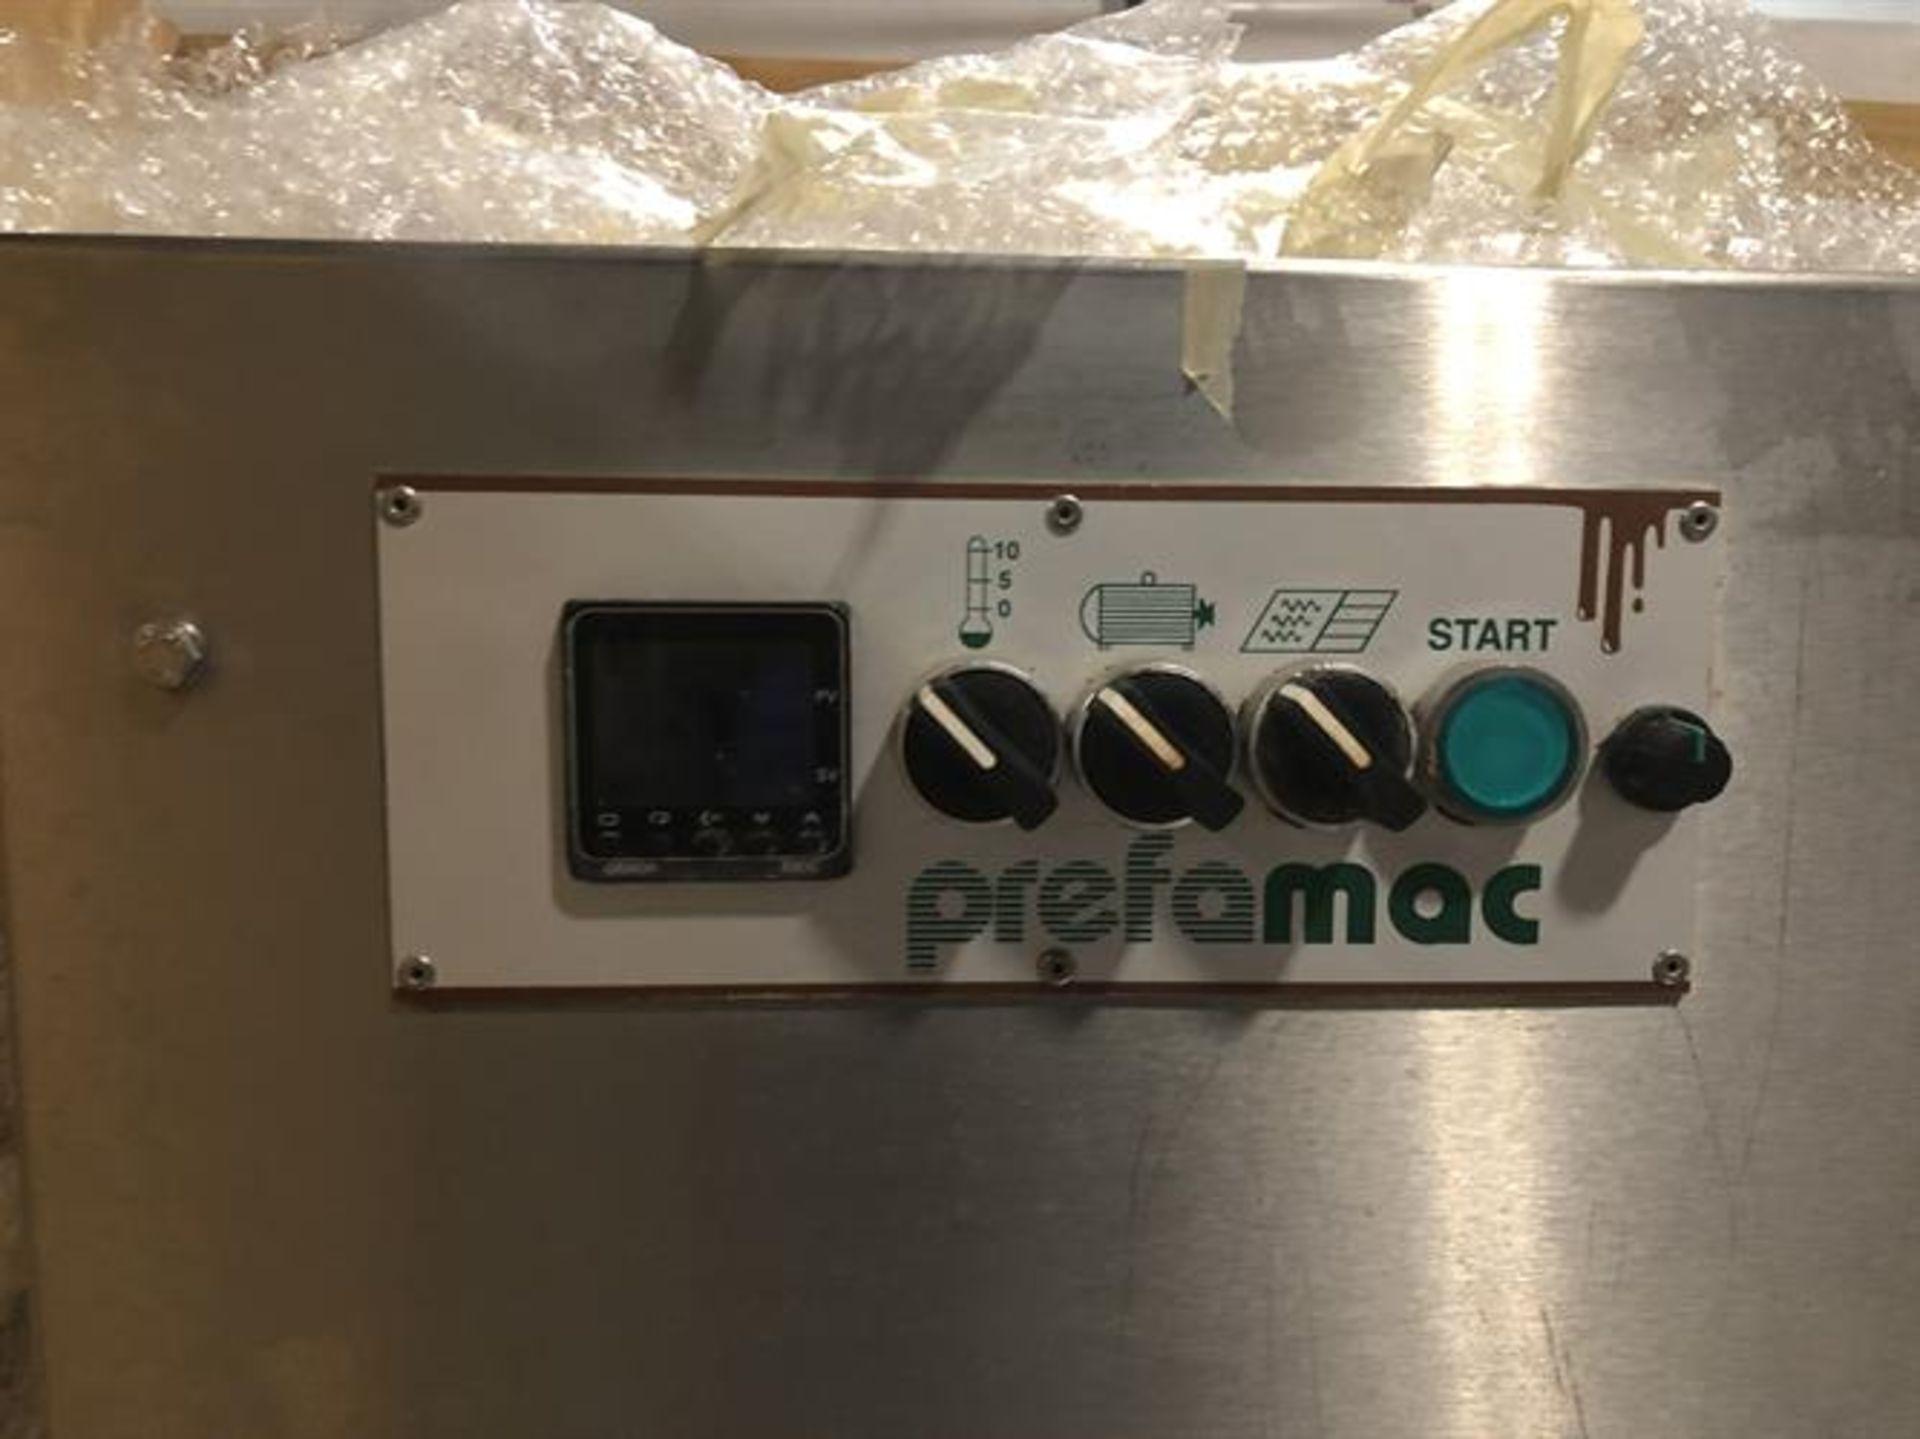 Prefamac 80-kg Tempering Melter - Image 3 of 7